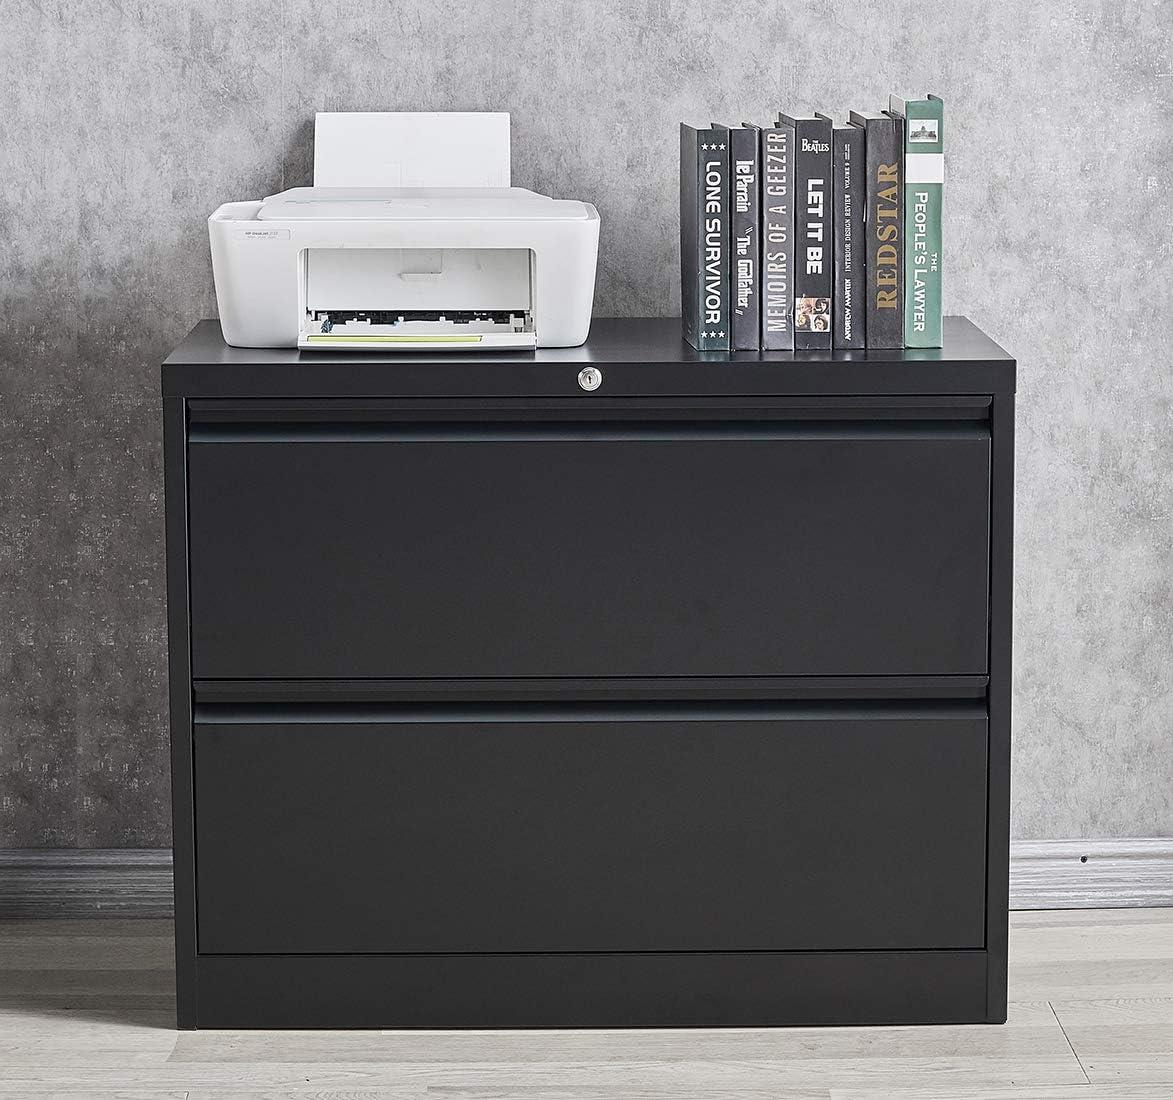 Metal Lateral File Cabinet with Filing Drawer wi Over item handling Lock 2 Regular dealer